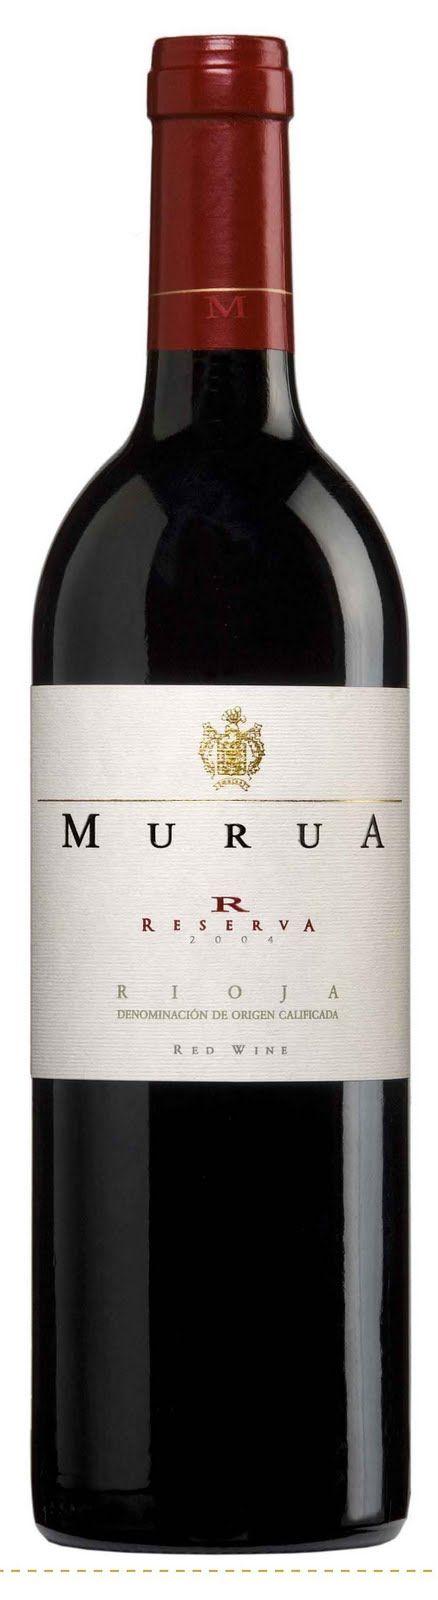 Murua Reserva 2004 desde $16.55 (12,70€)